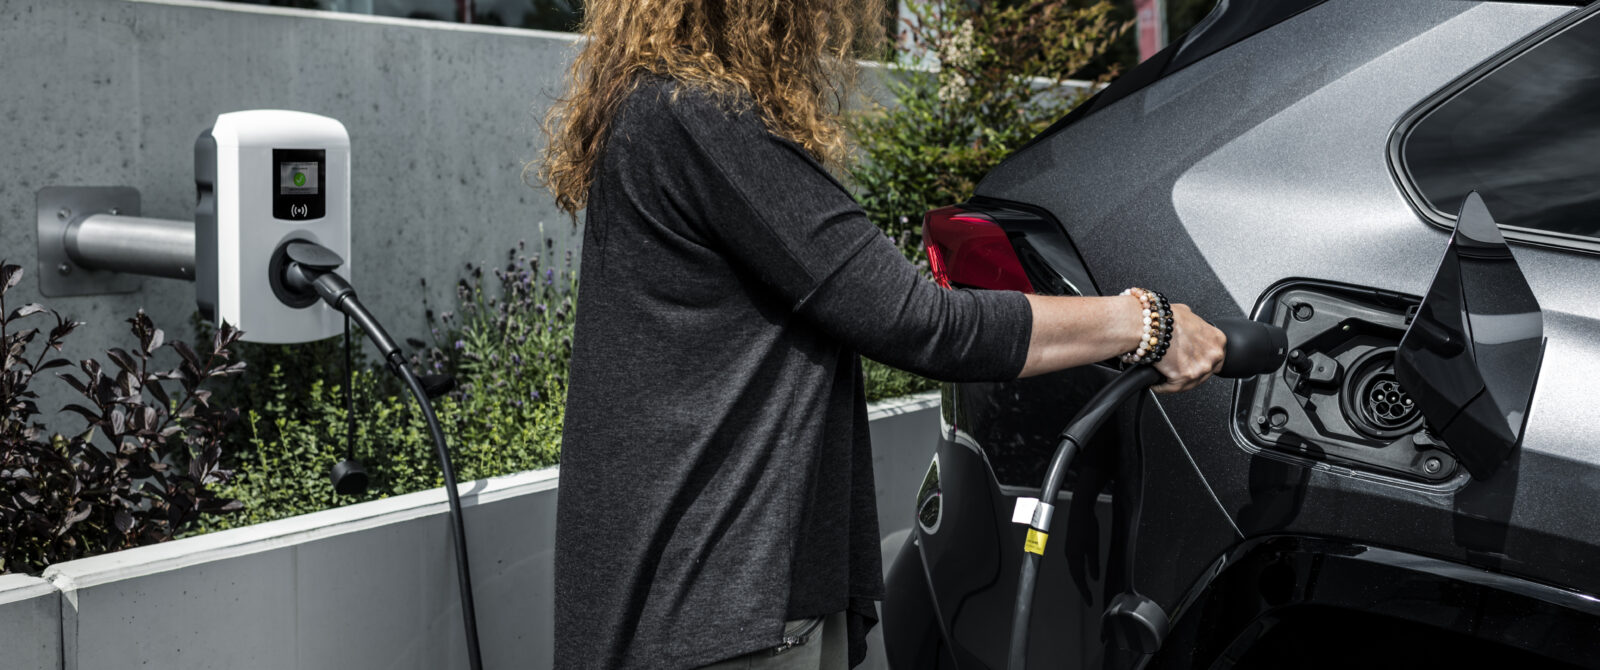 Quais as vantagens de carregar um veículo eléctrico ou um híbrido plug-in numa wallbox